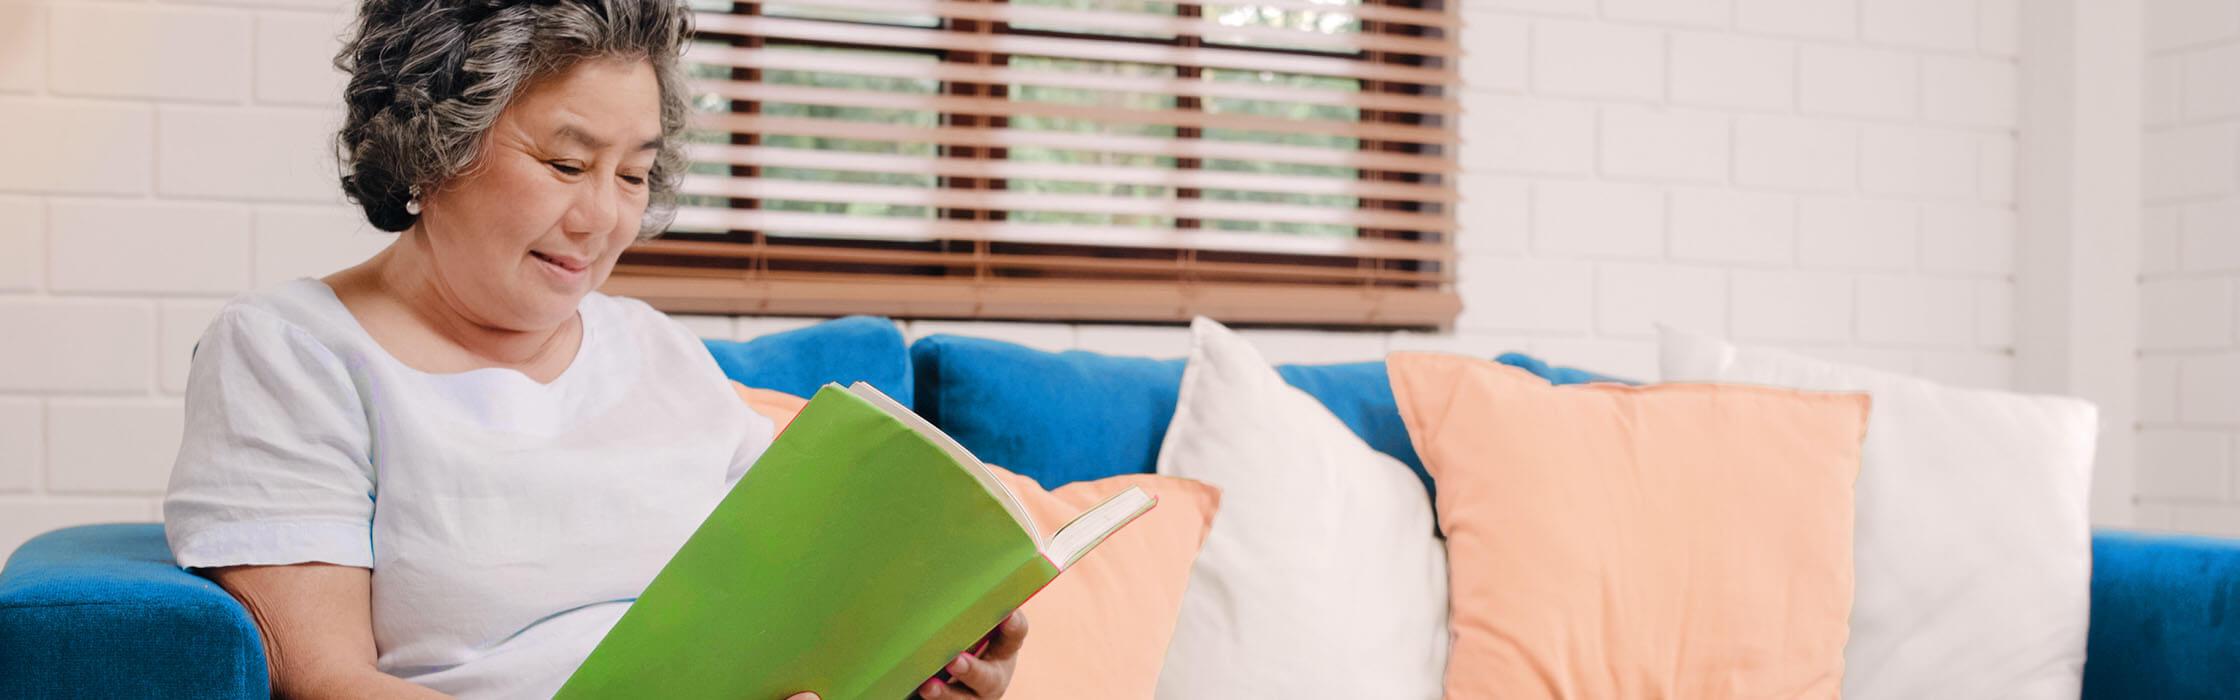 Mujer leyendo un libro en el sofá